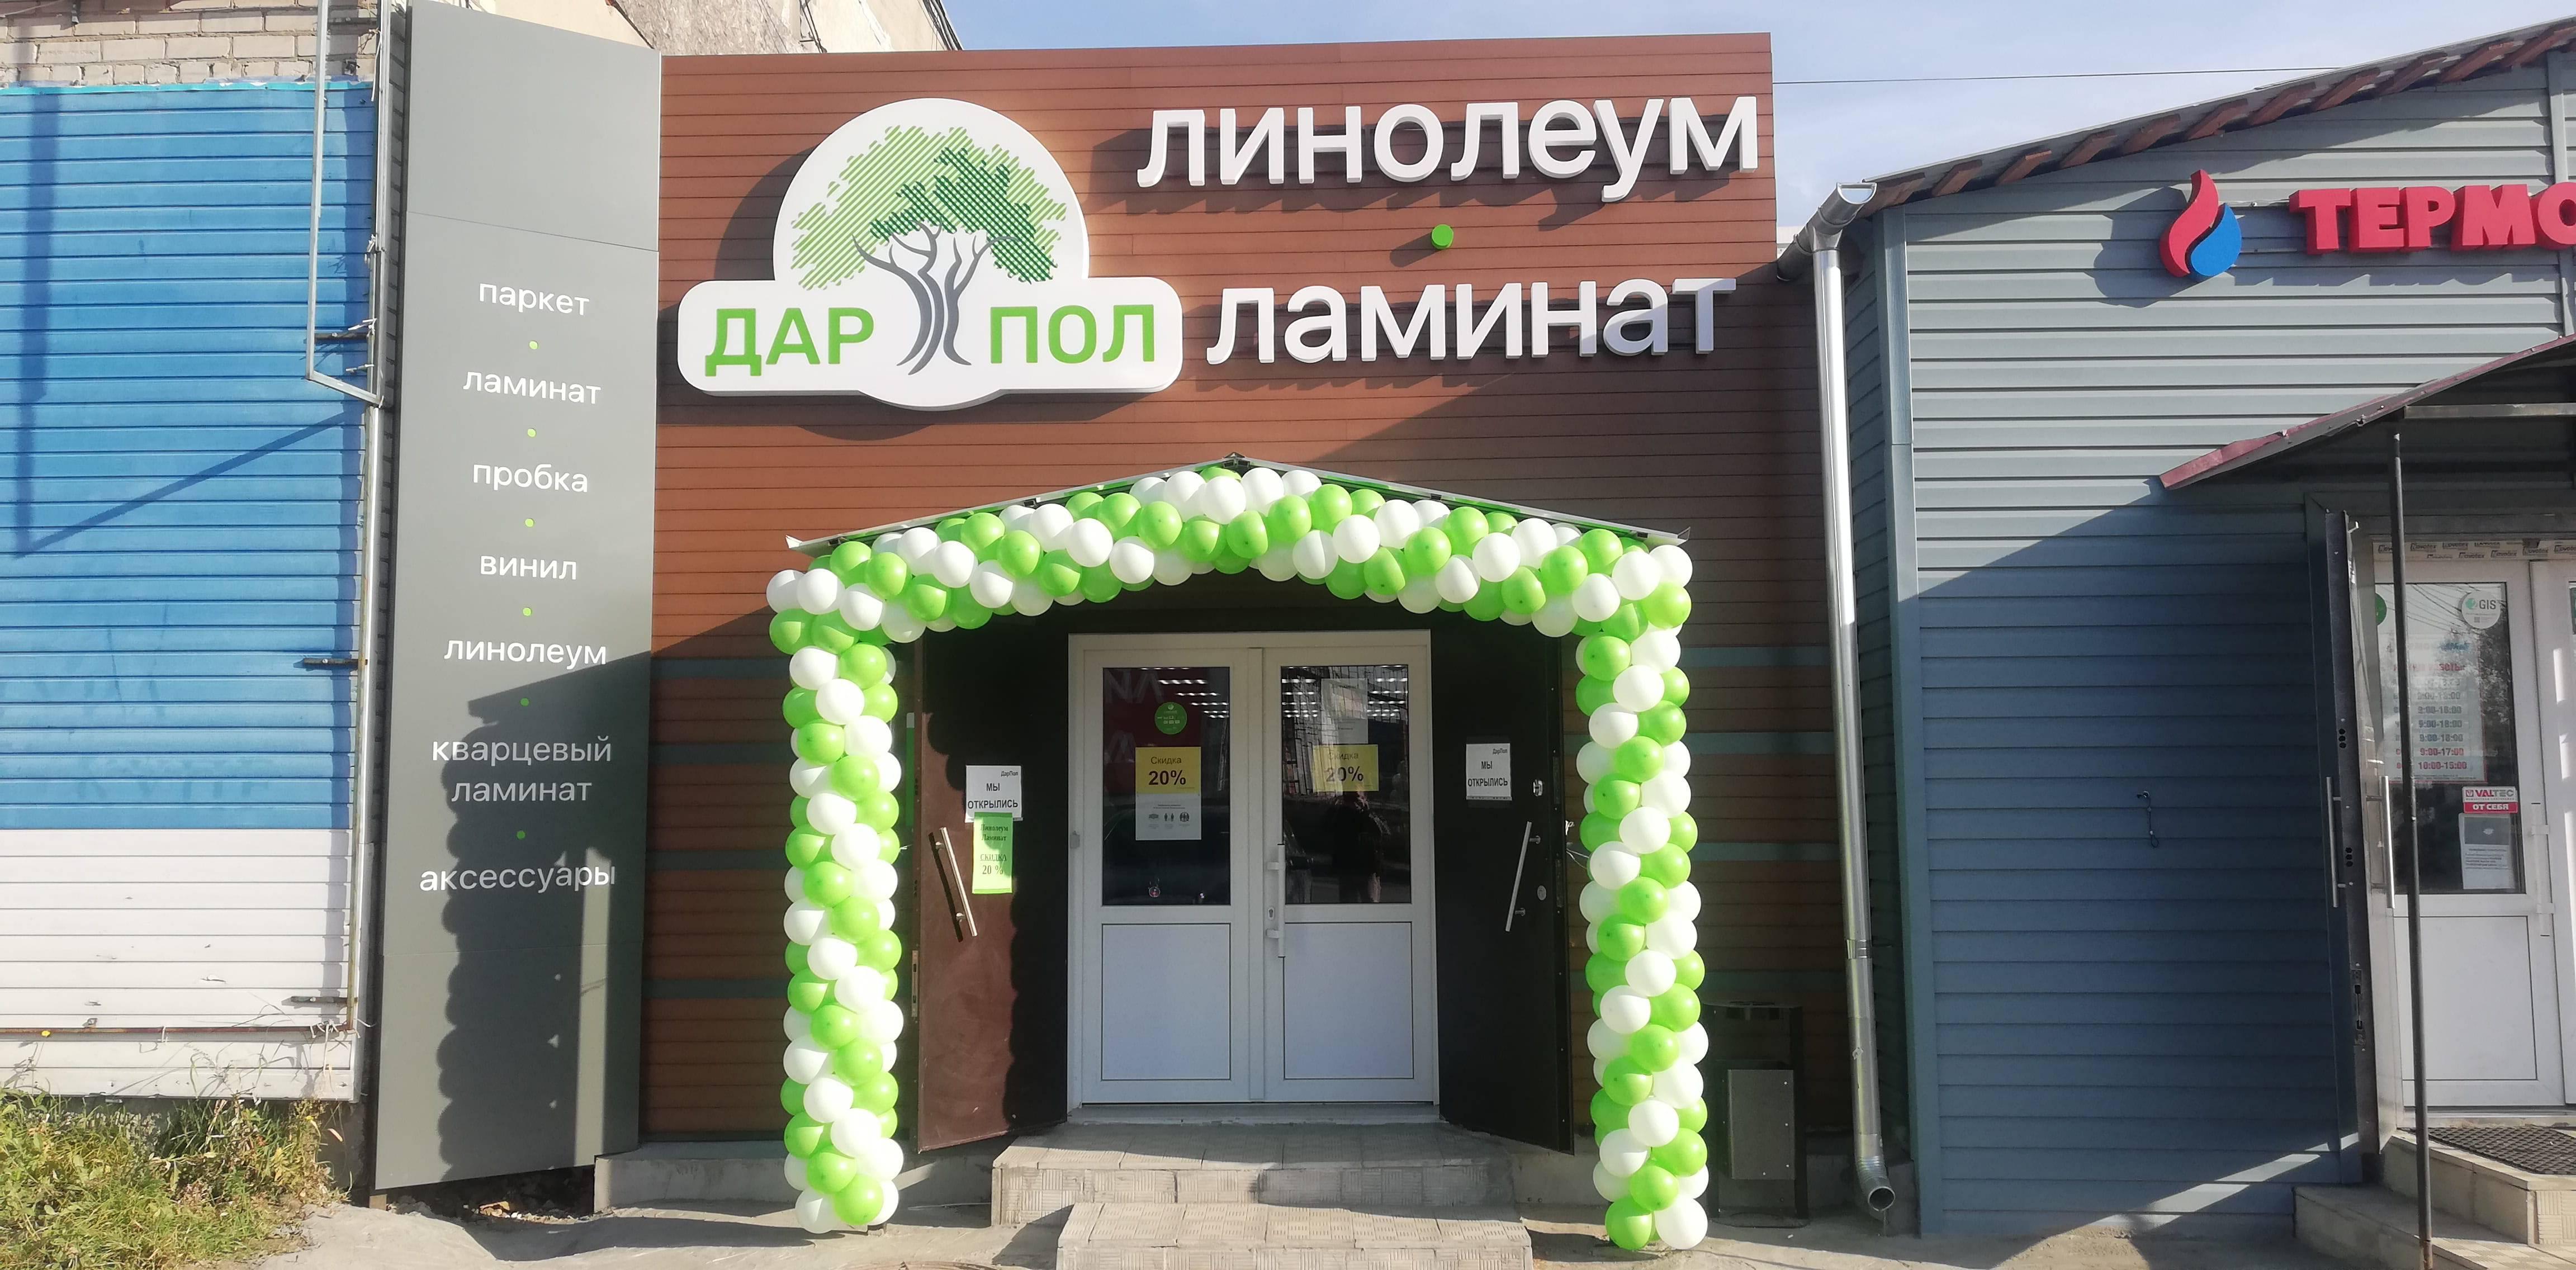 Открылся новый магазин - партнер в г. Ярославль